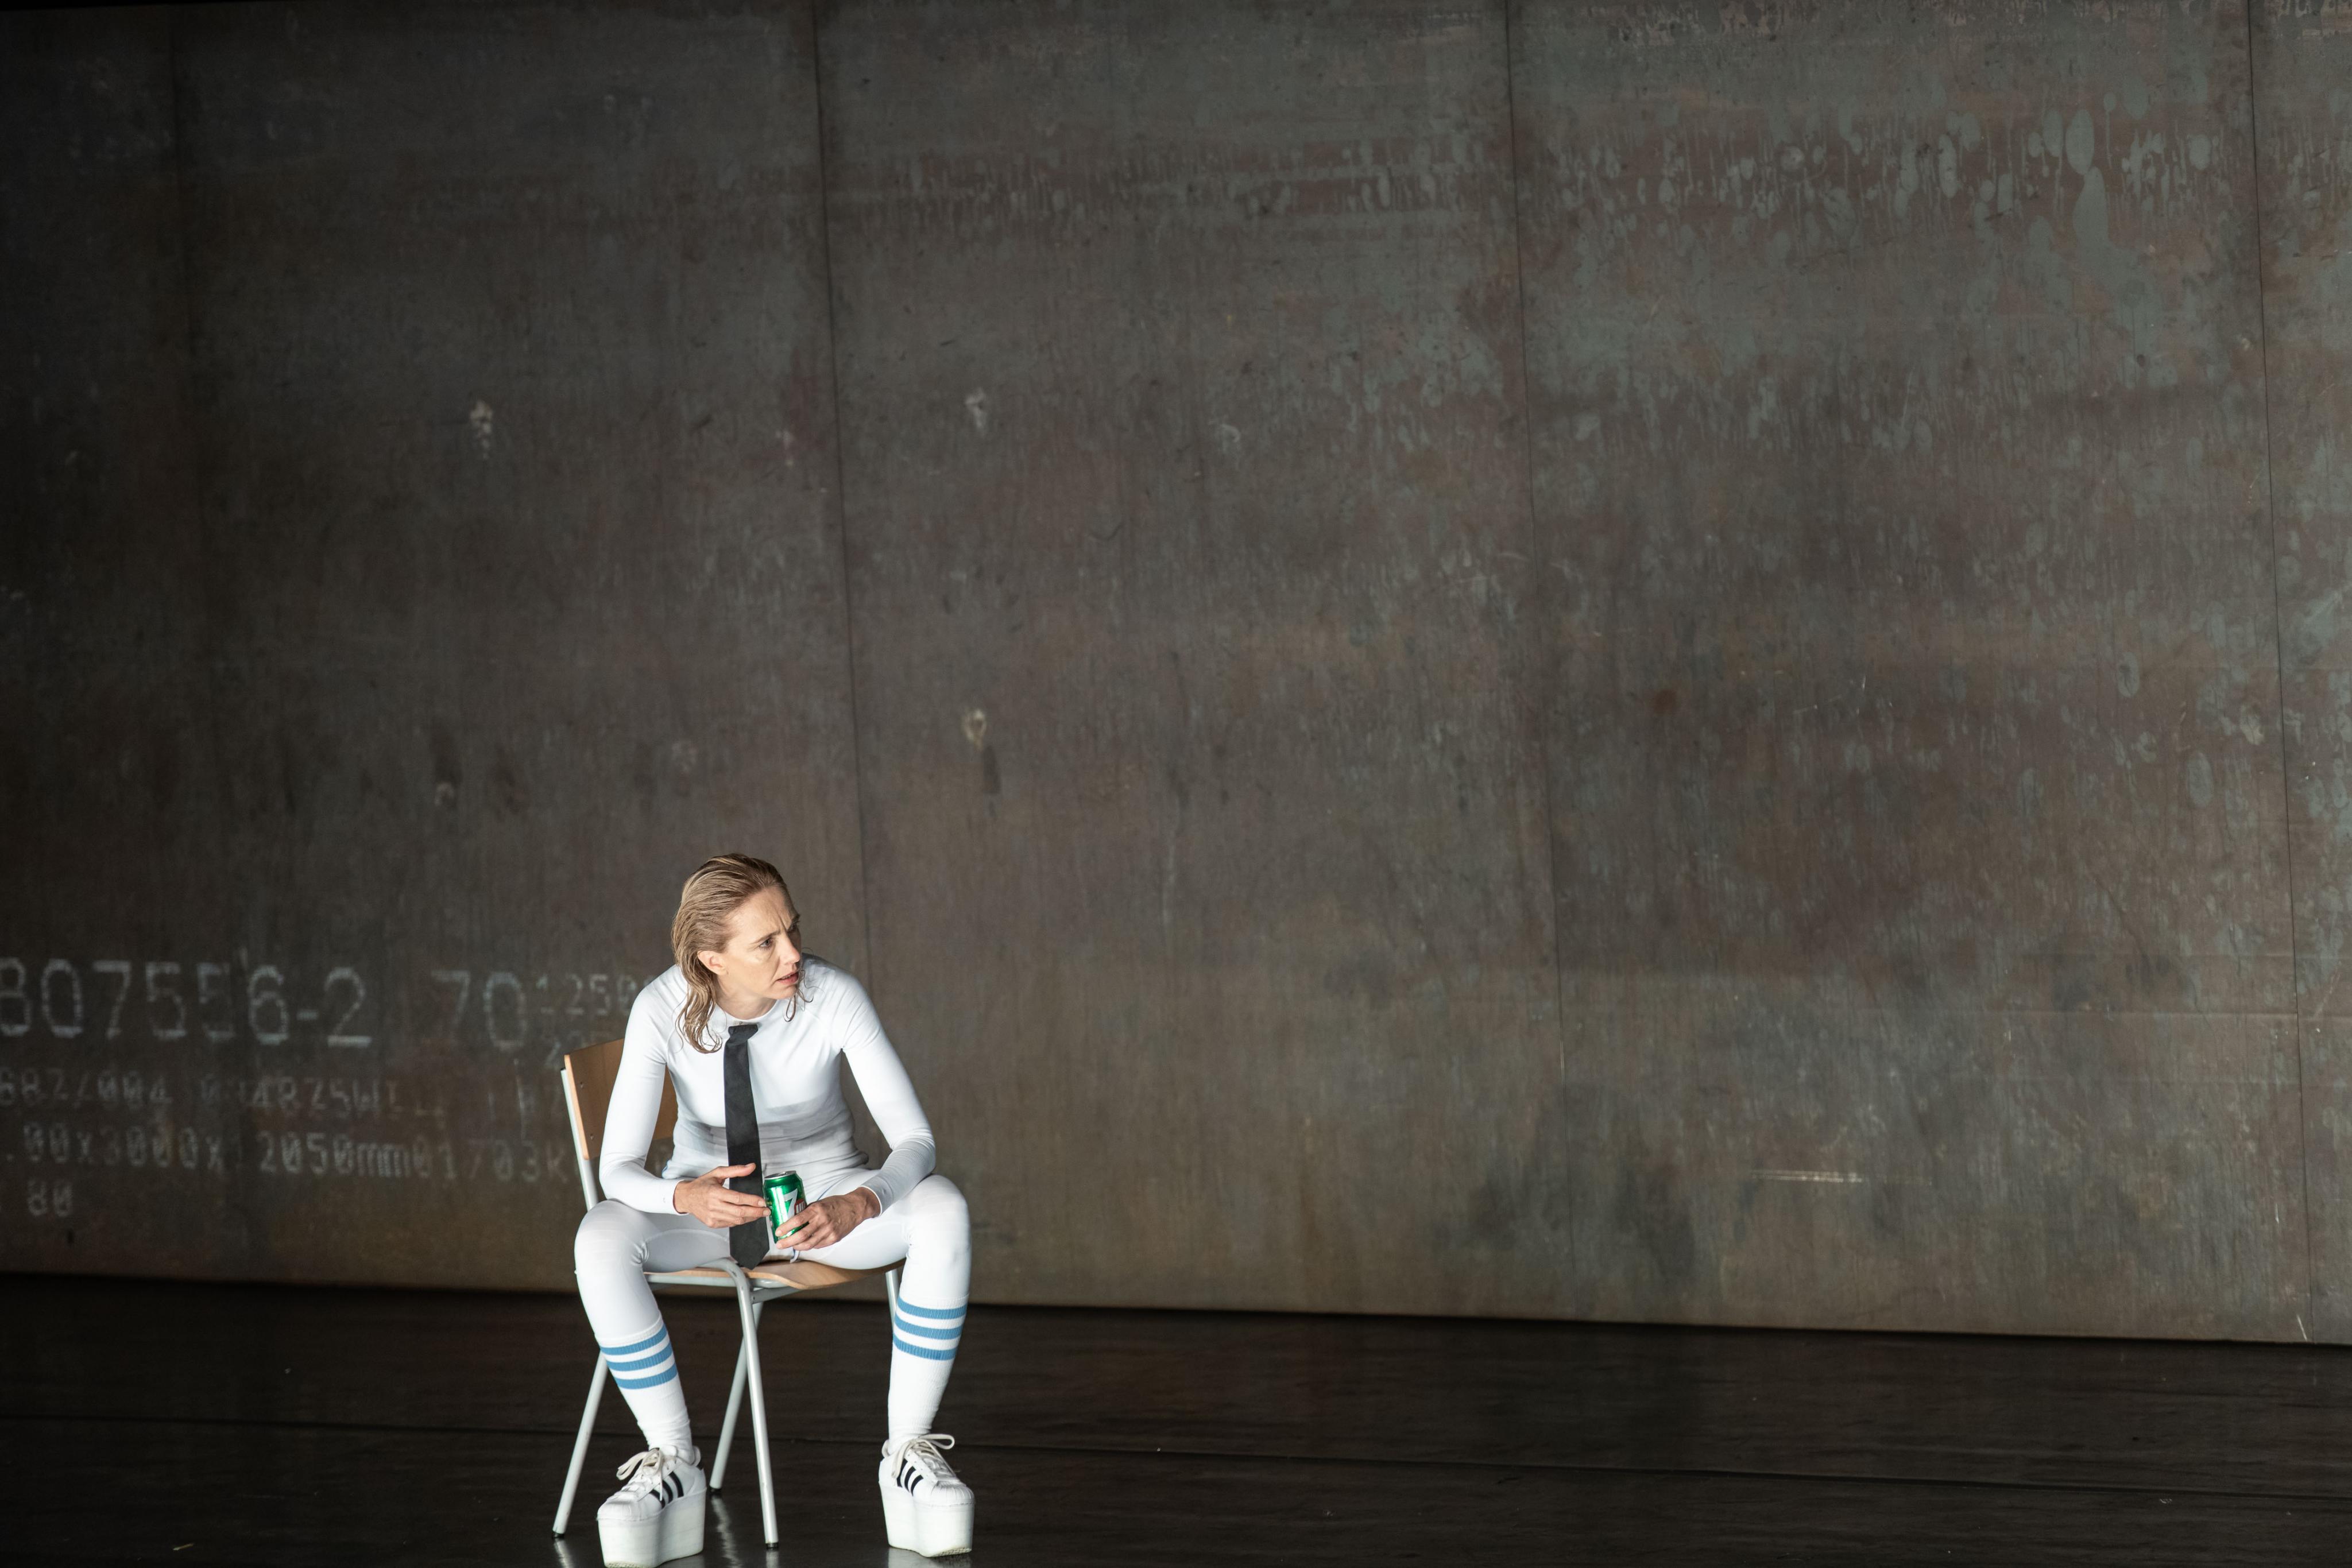 Nekonečný žert, režie Thorsten Lensing